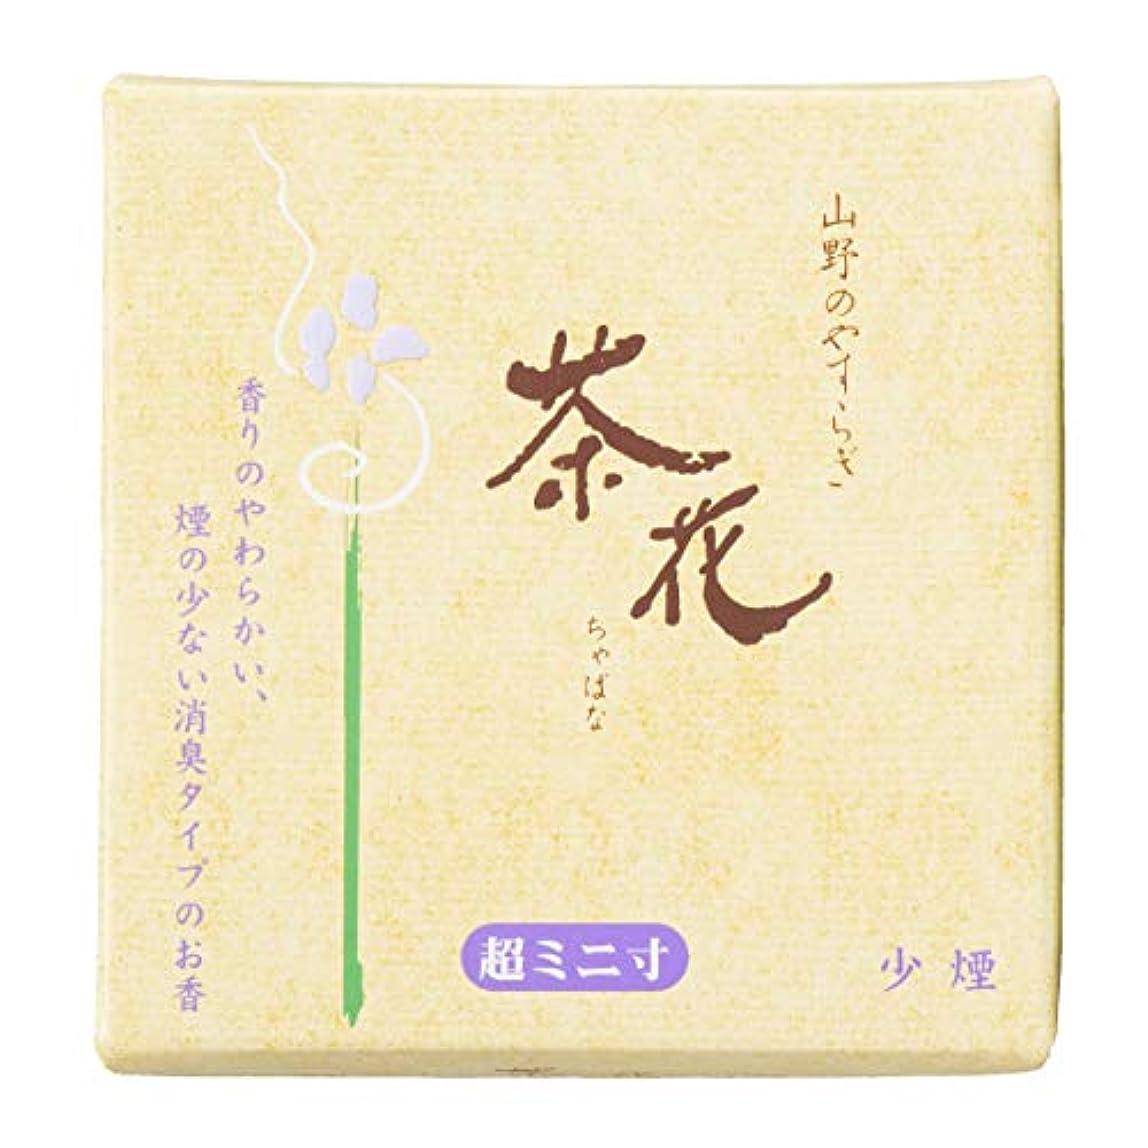 課税訴える誇り尚林堂(Shorindo) 線香 黄箱 6cm 茶花 少煙 超ミニ寸 159120-1040